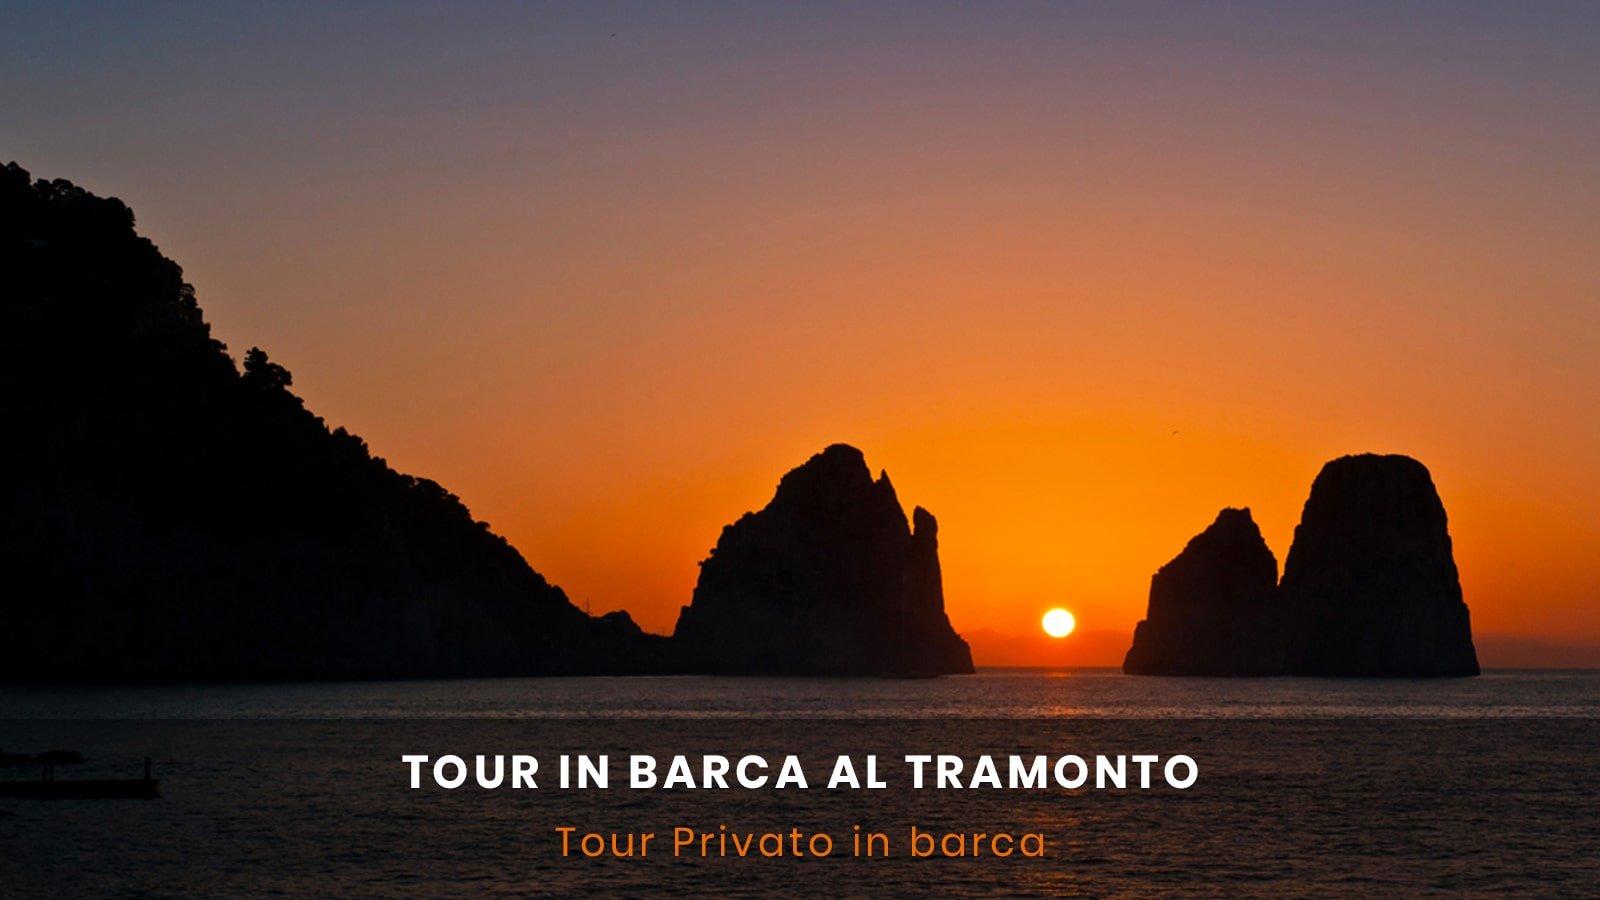 Tour in barca al tramonto